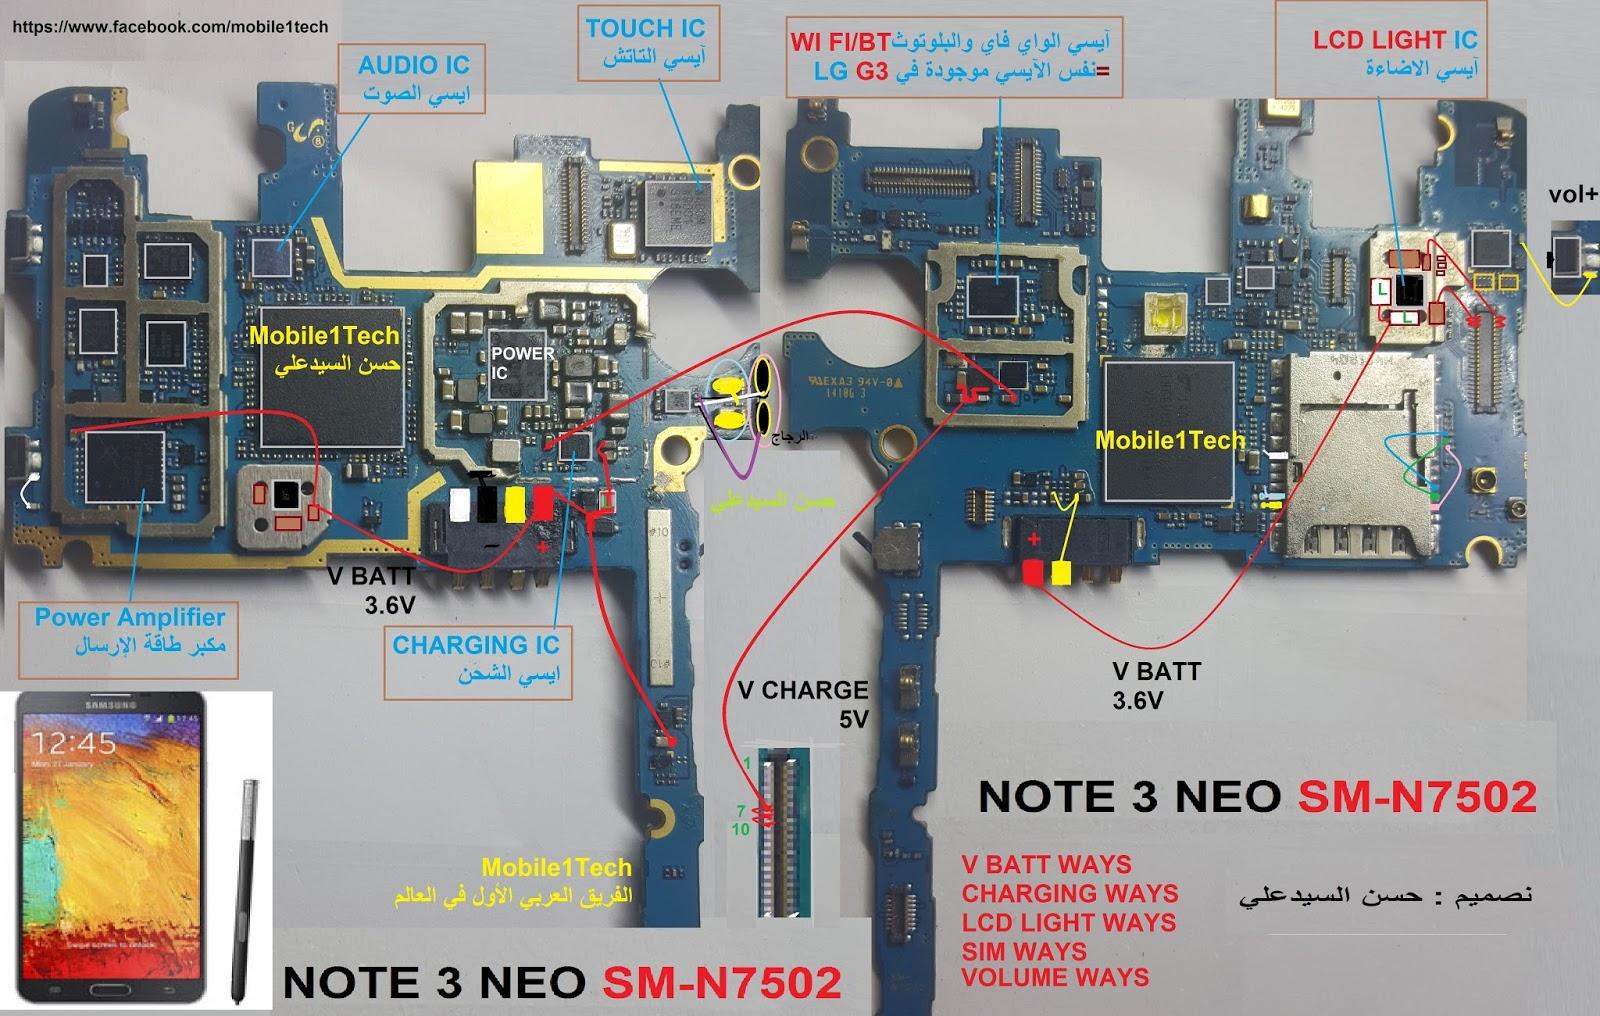 medium resolution of  3 note 3 neo